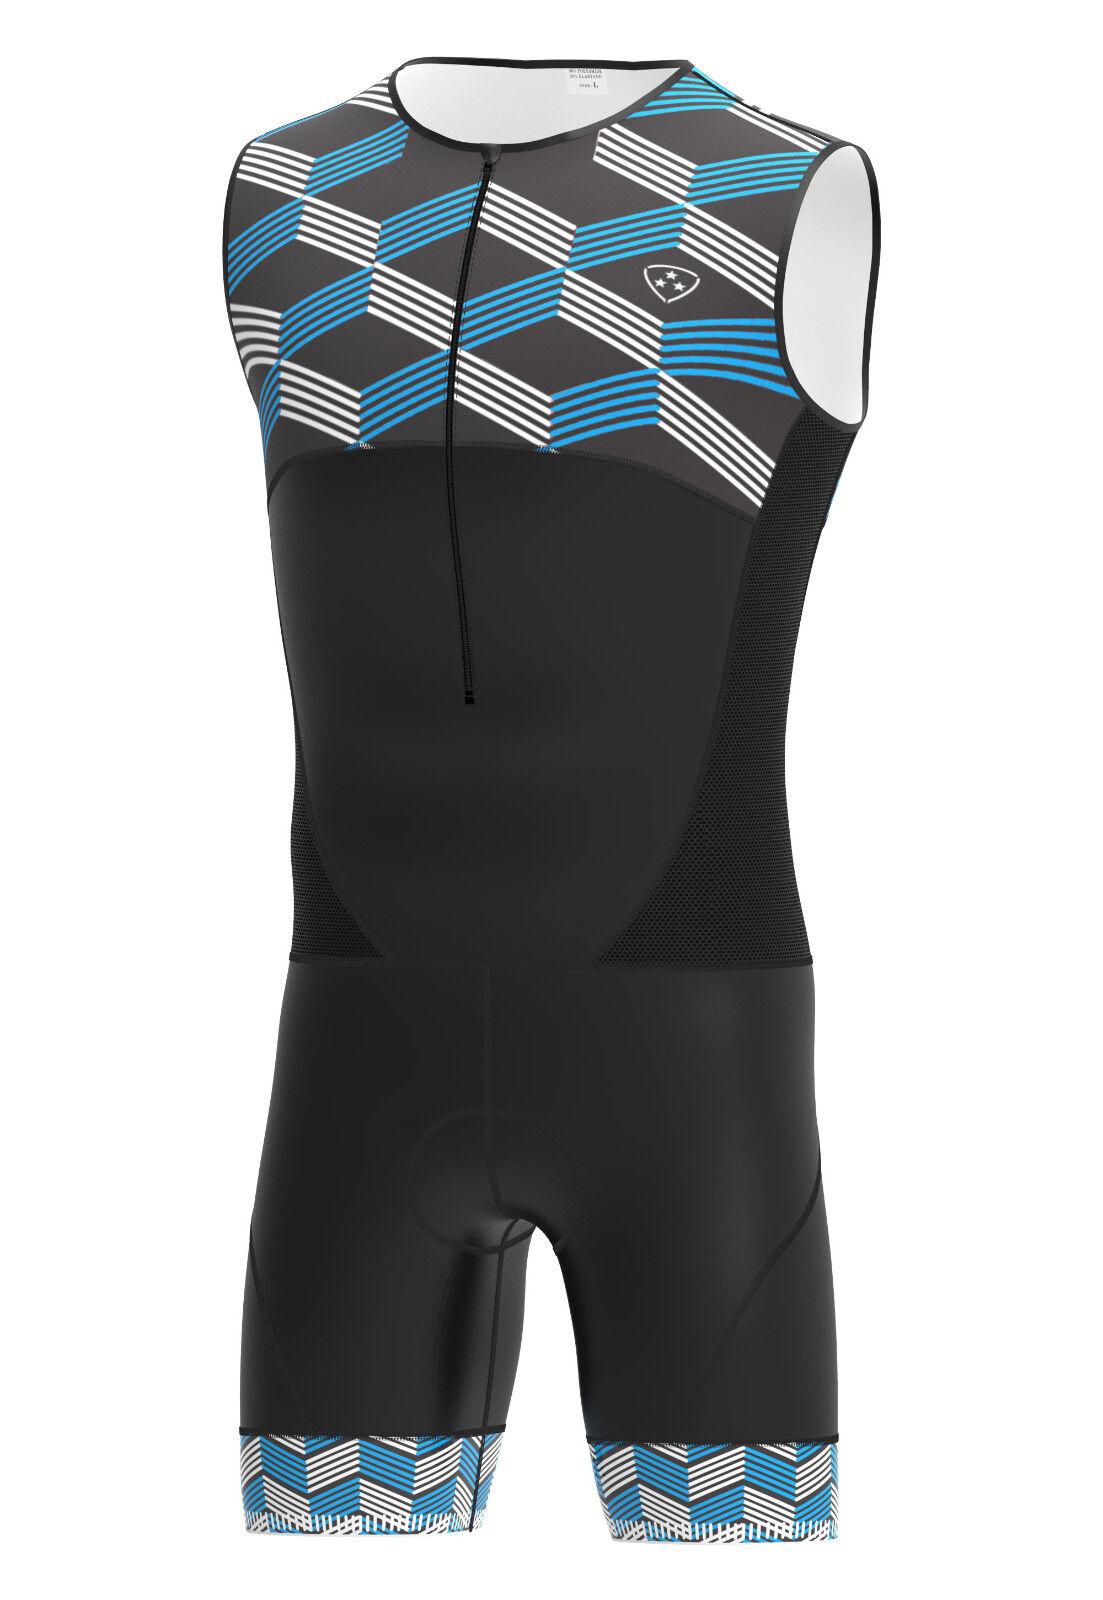 Dhera TRIATHLON Tri Tri Tri Tuta Imbottita Compressione Corsa Nuoto Ciclismo Skinsuit eba6f5